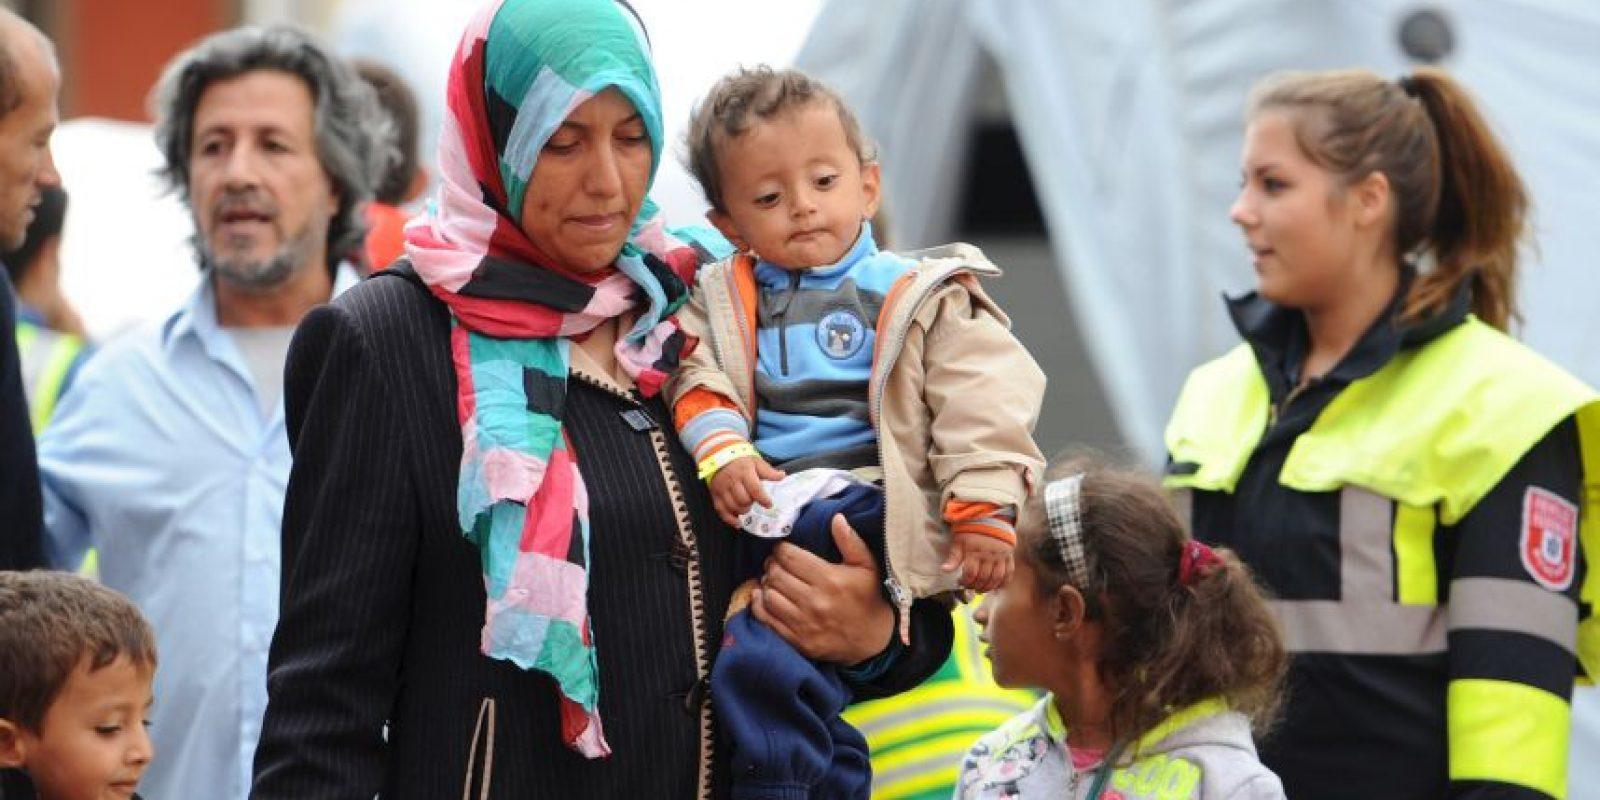 Los refugiados fueron recibidos en Berlín y Munich, ciudades principales de Alemania. Foto:AP